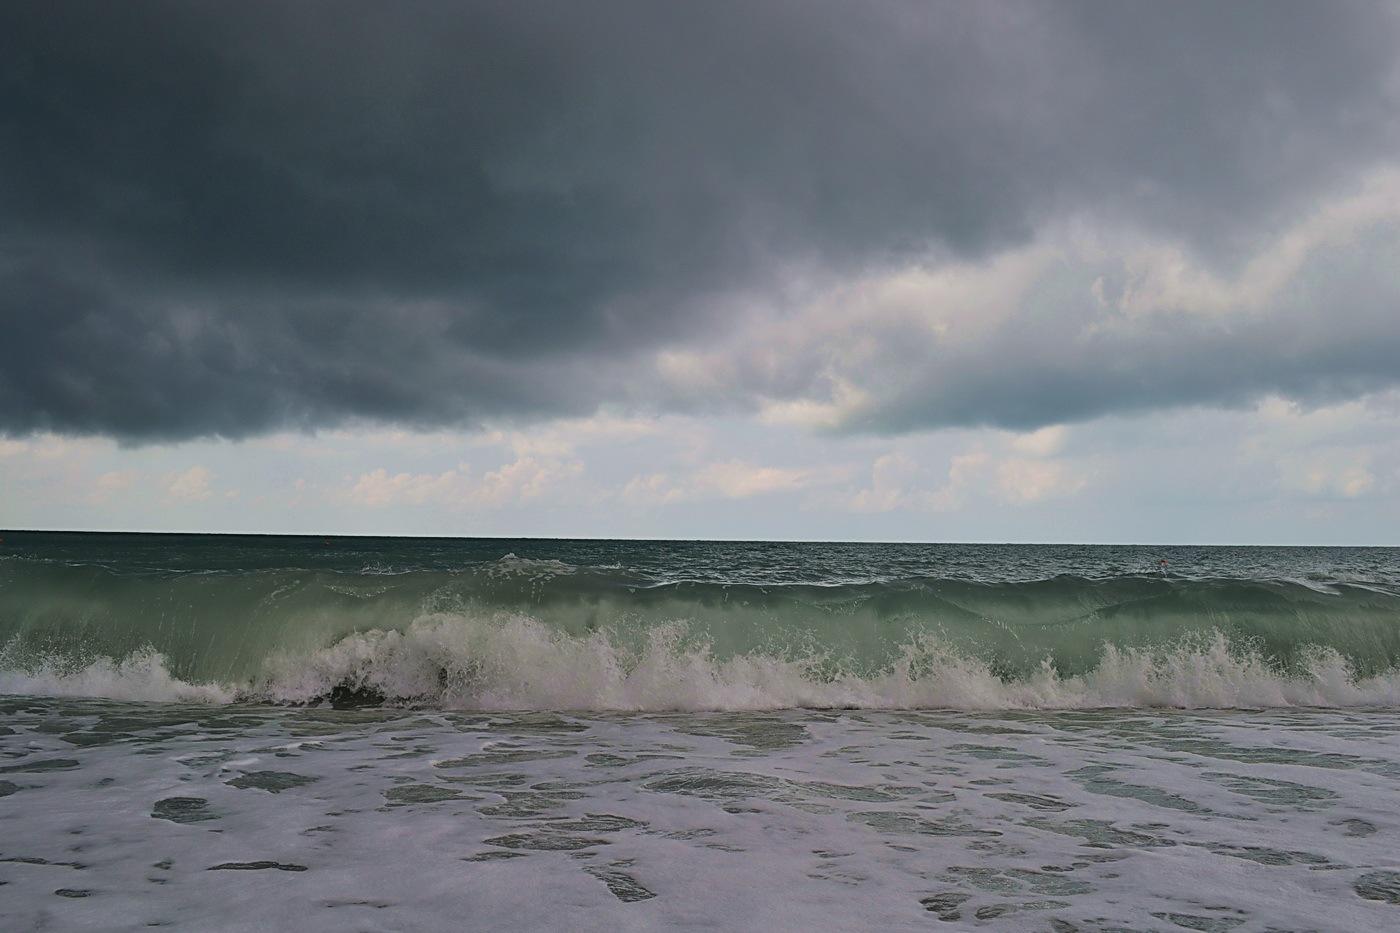 самолет штормовое море фотографии есть там